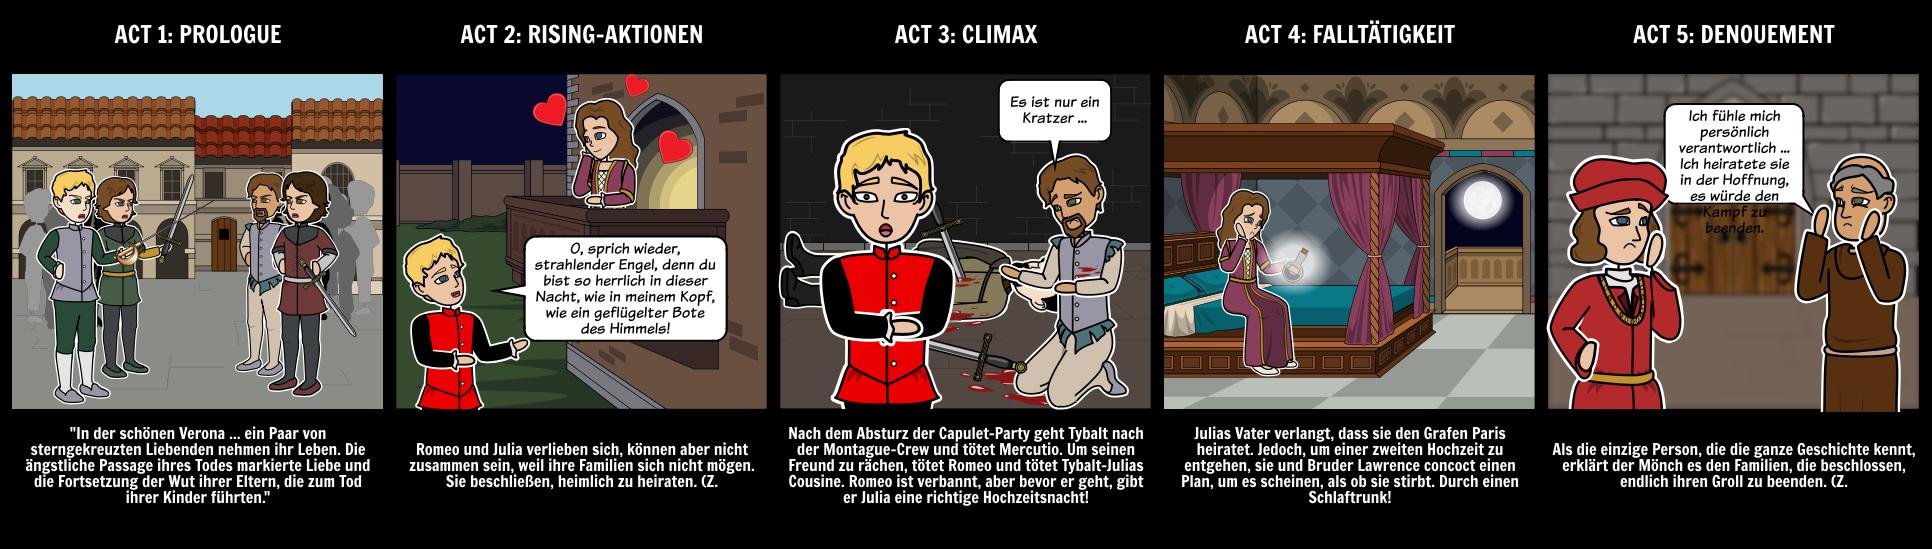 Fünf Gesetzestruktur - Romeo und Julia